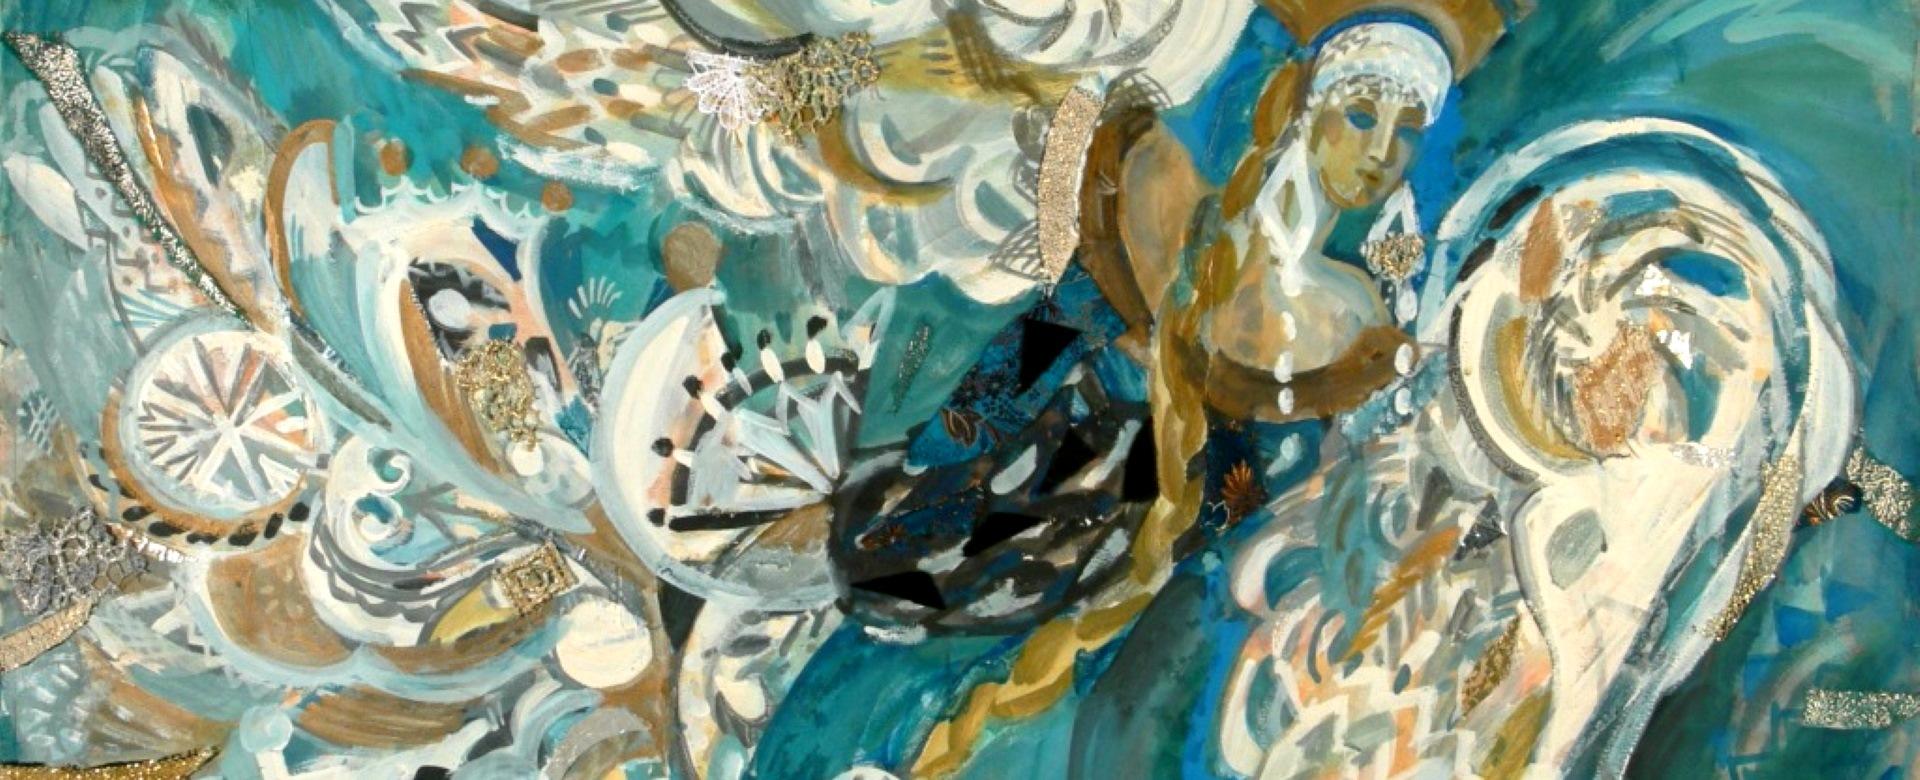 Выставка «Аркадий Шайхет. Свидетель времени. Фотографии 1924-1940»